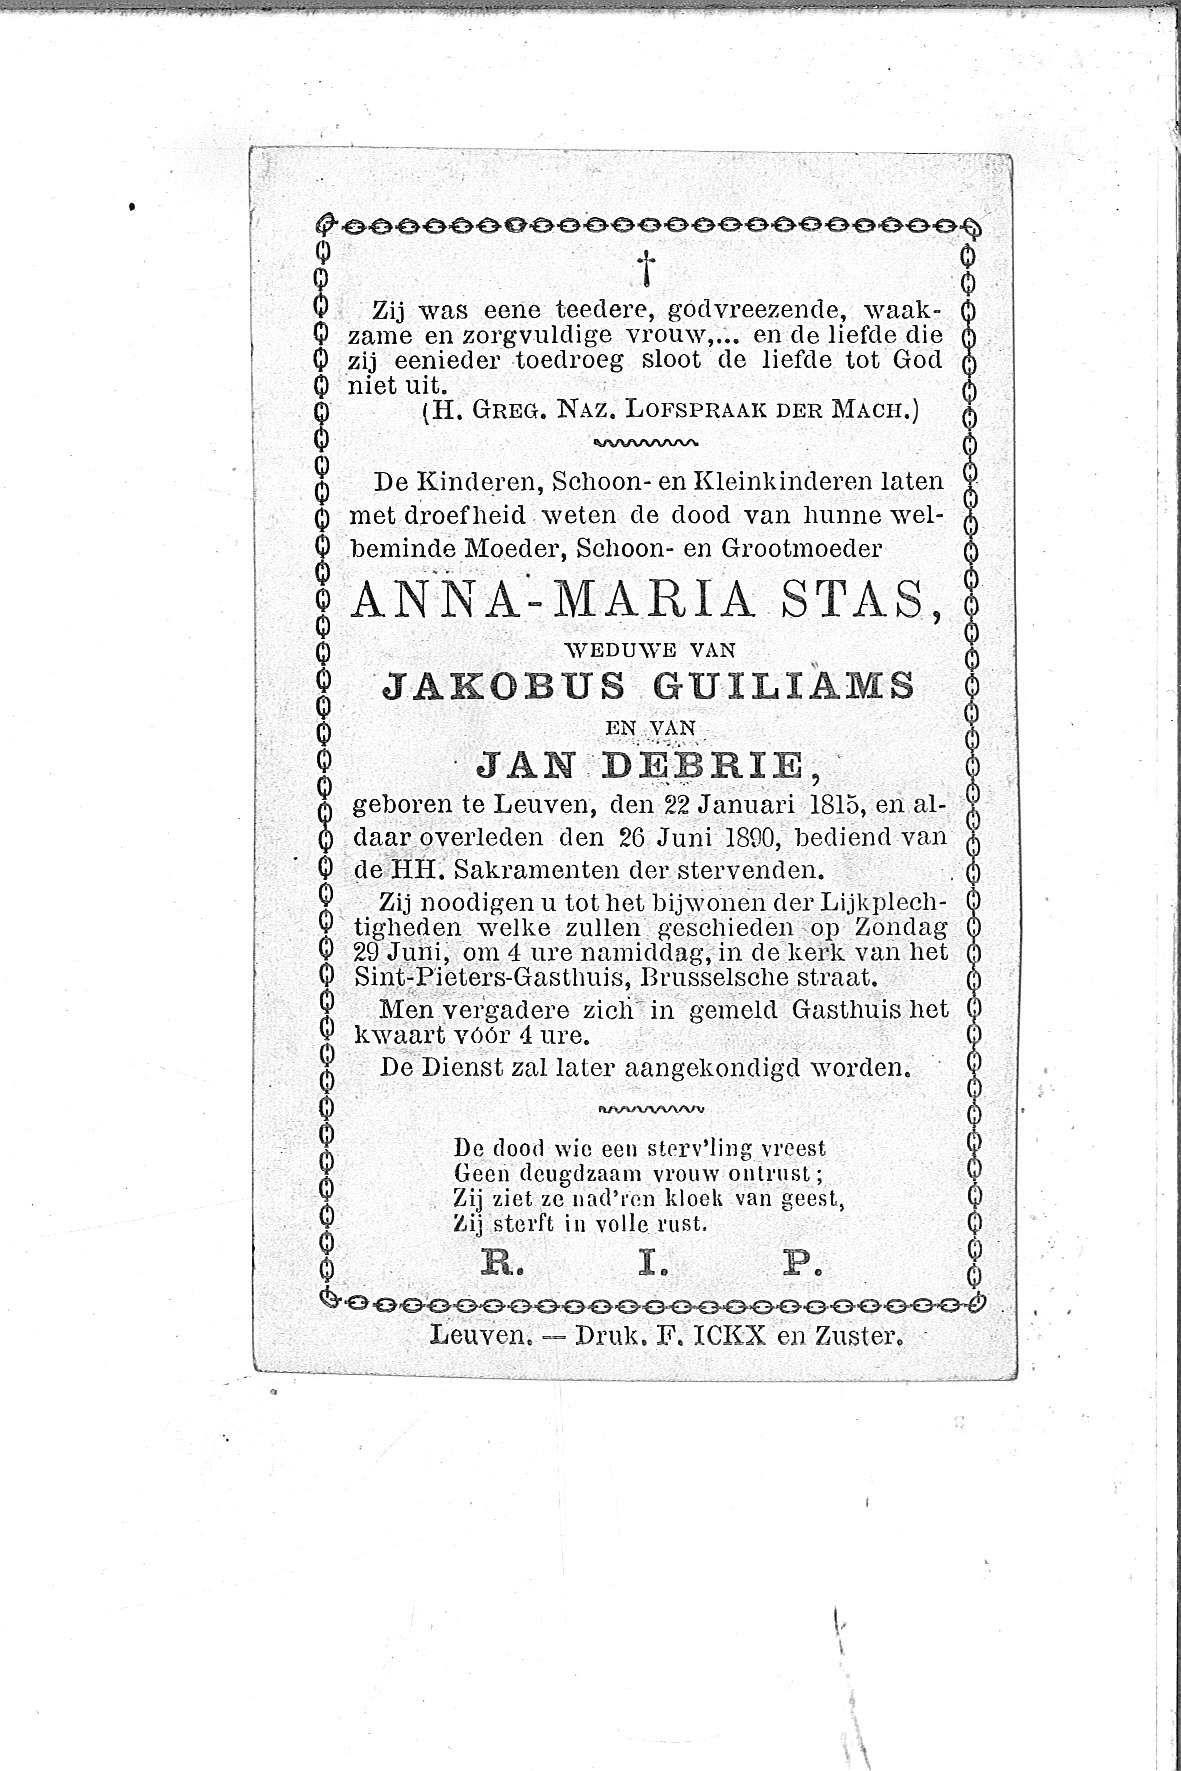 Anna-Maria(1890)20140527091631_00027.jpg